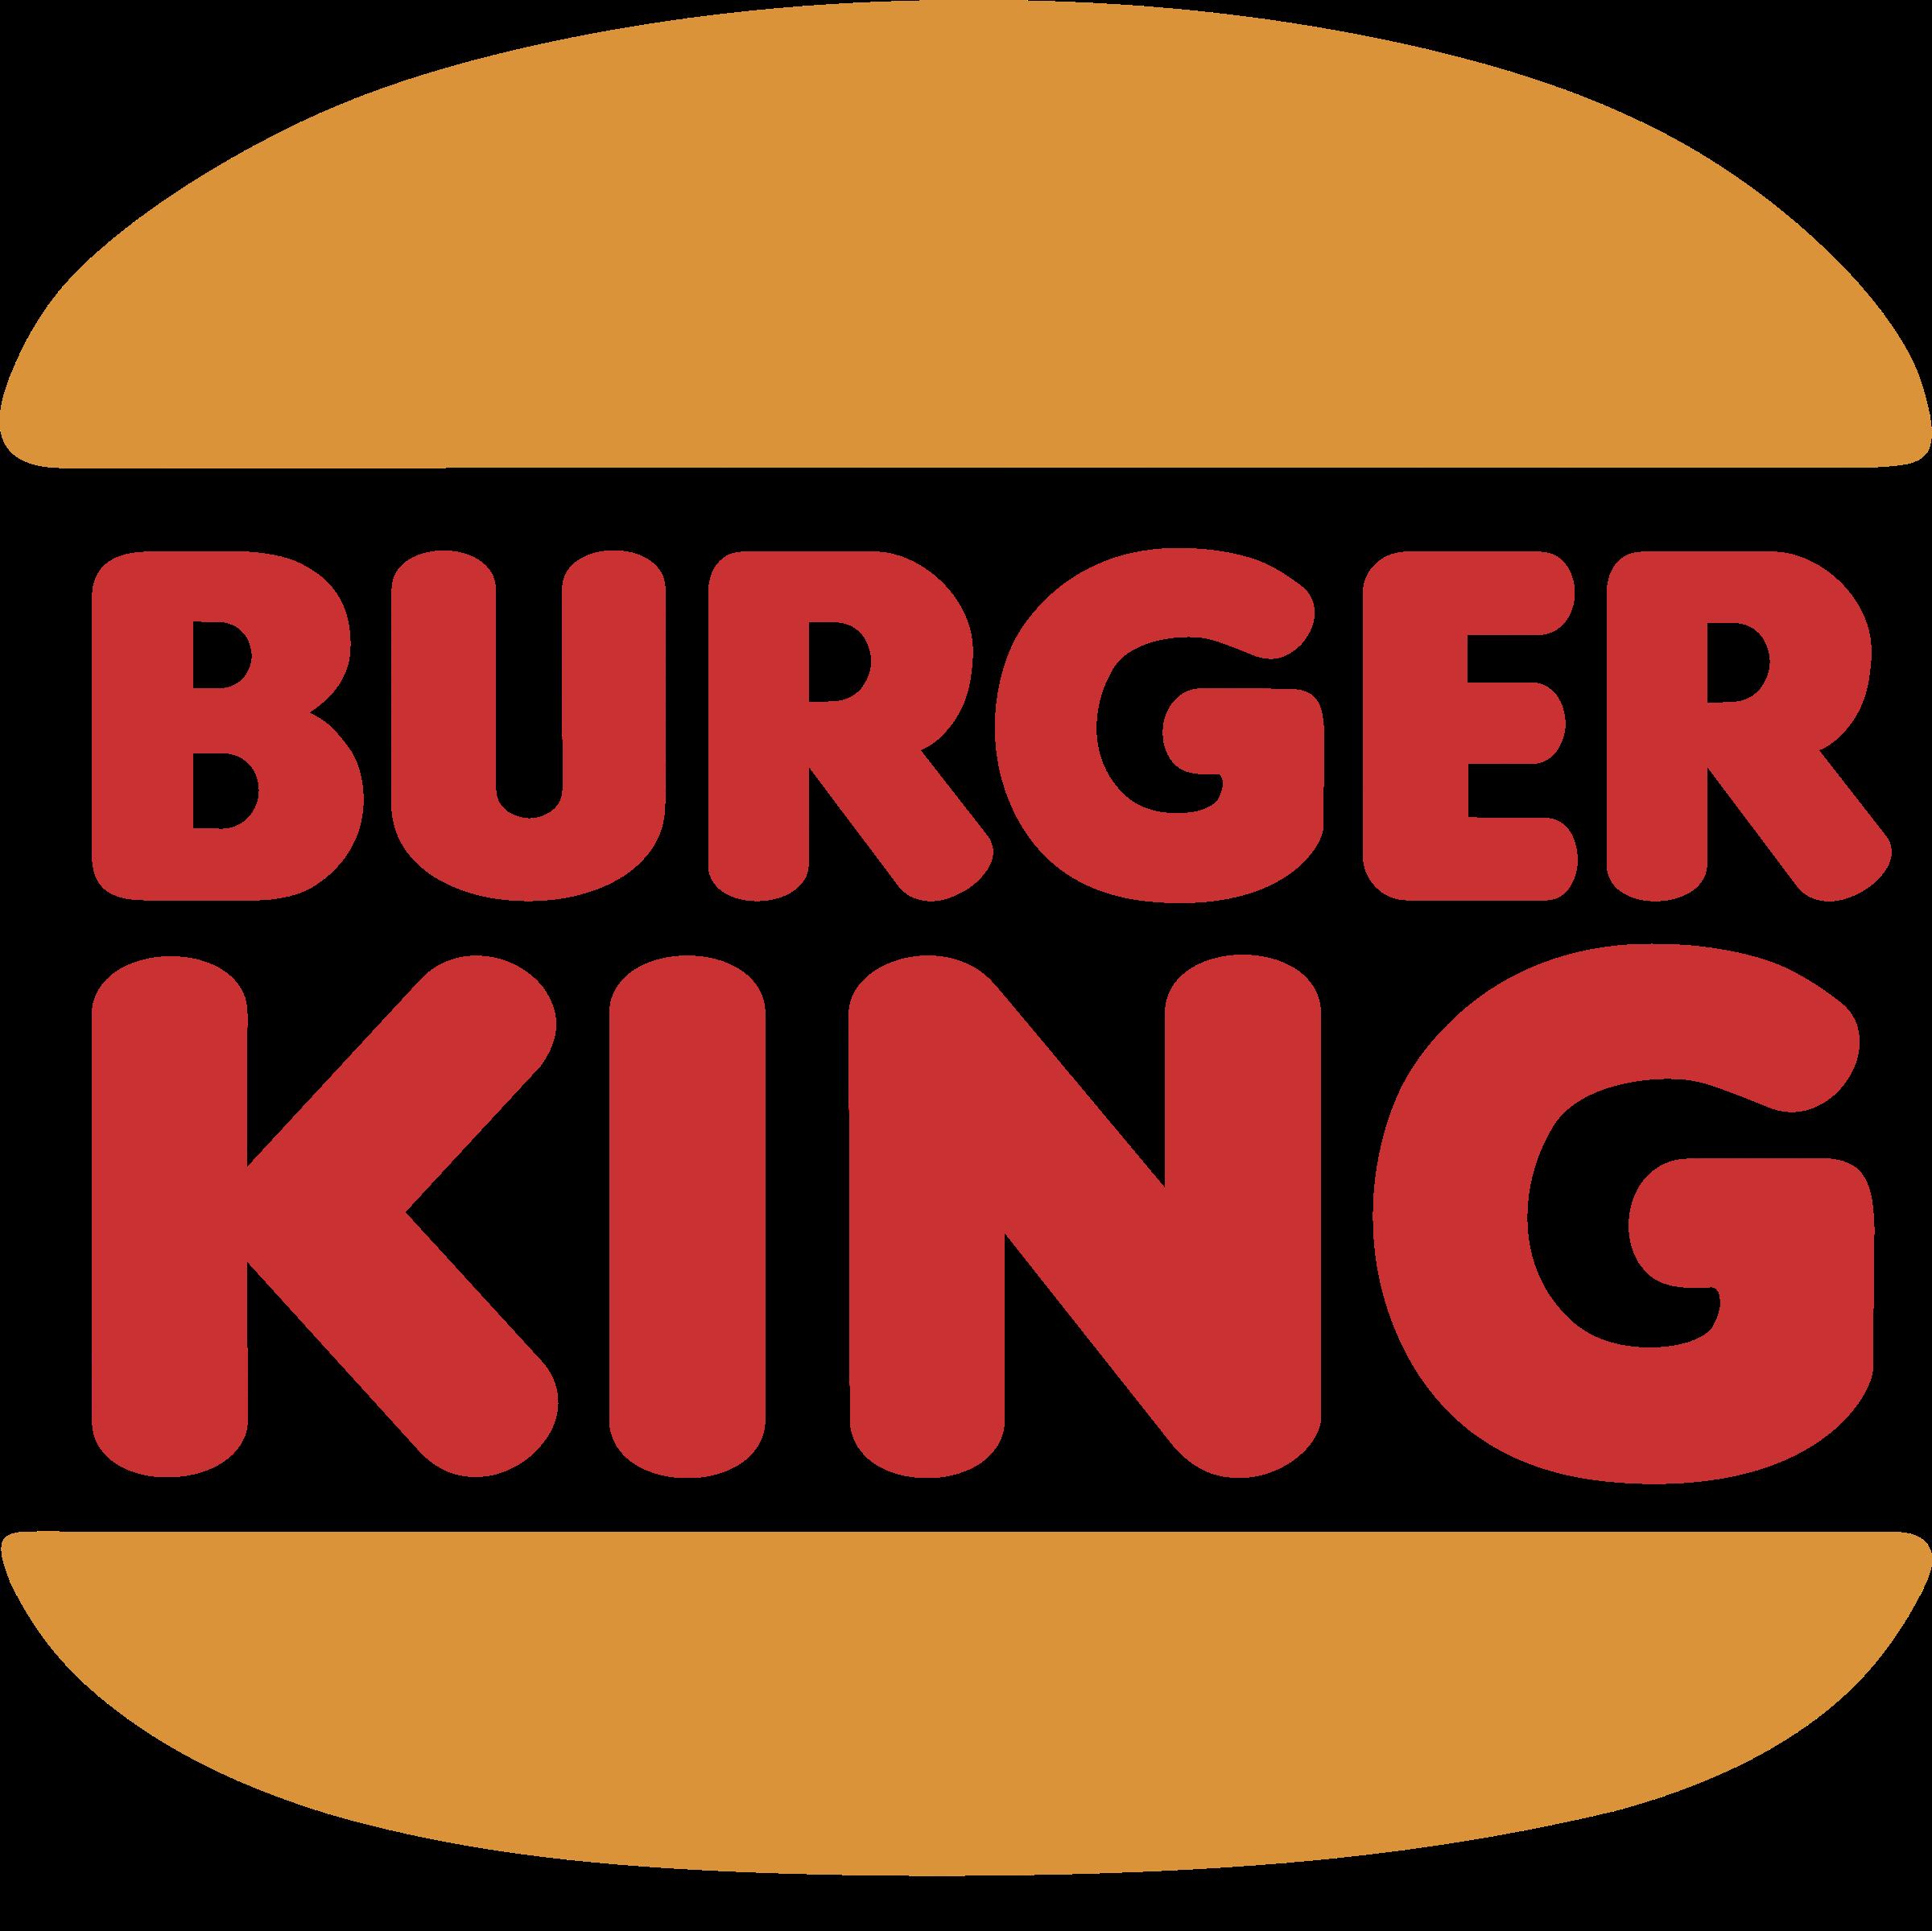 Hamburger burger logo